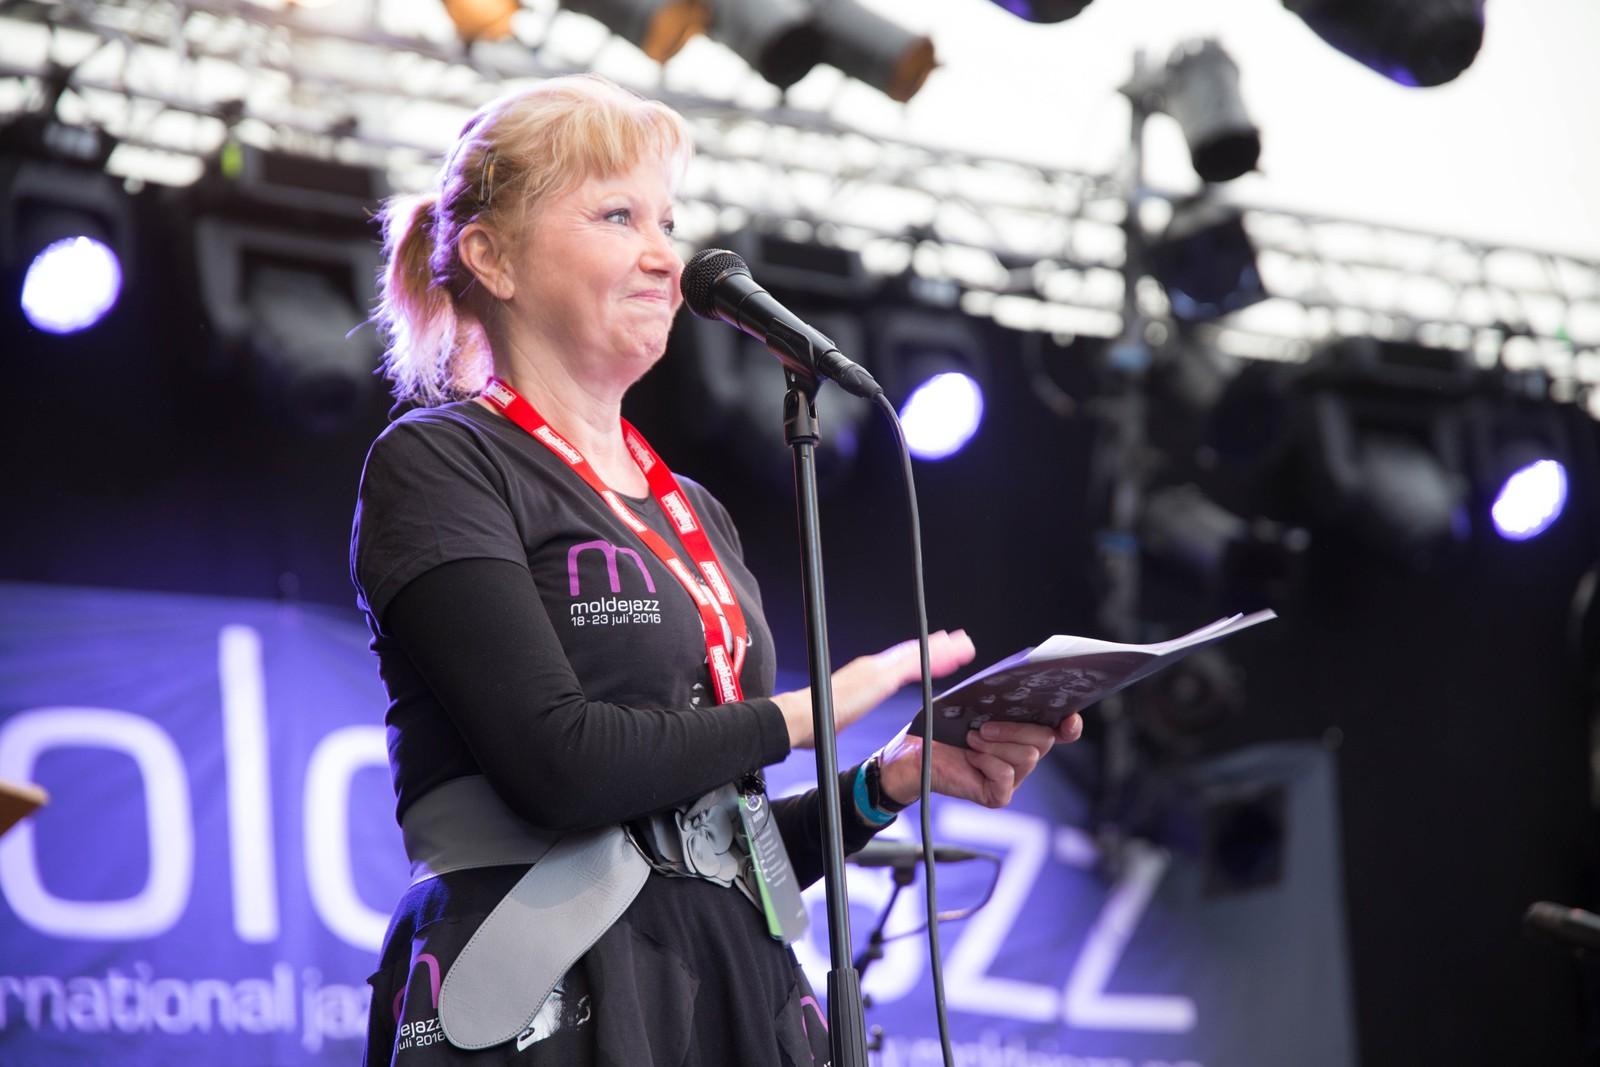 Konferansier Anitra Eriksen lovte en opplevelsesrik festivaluke.